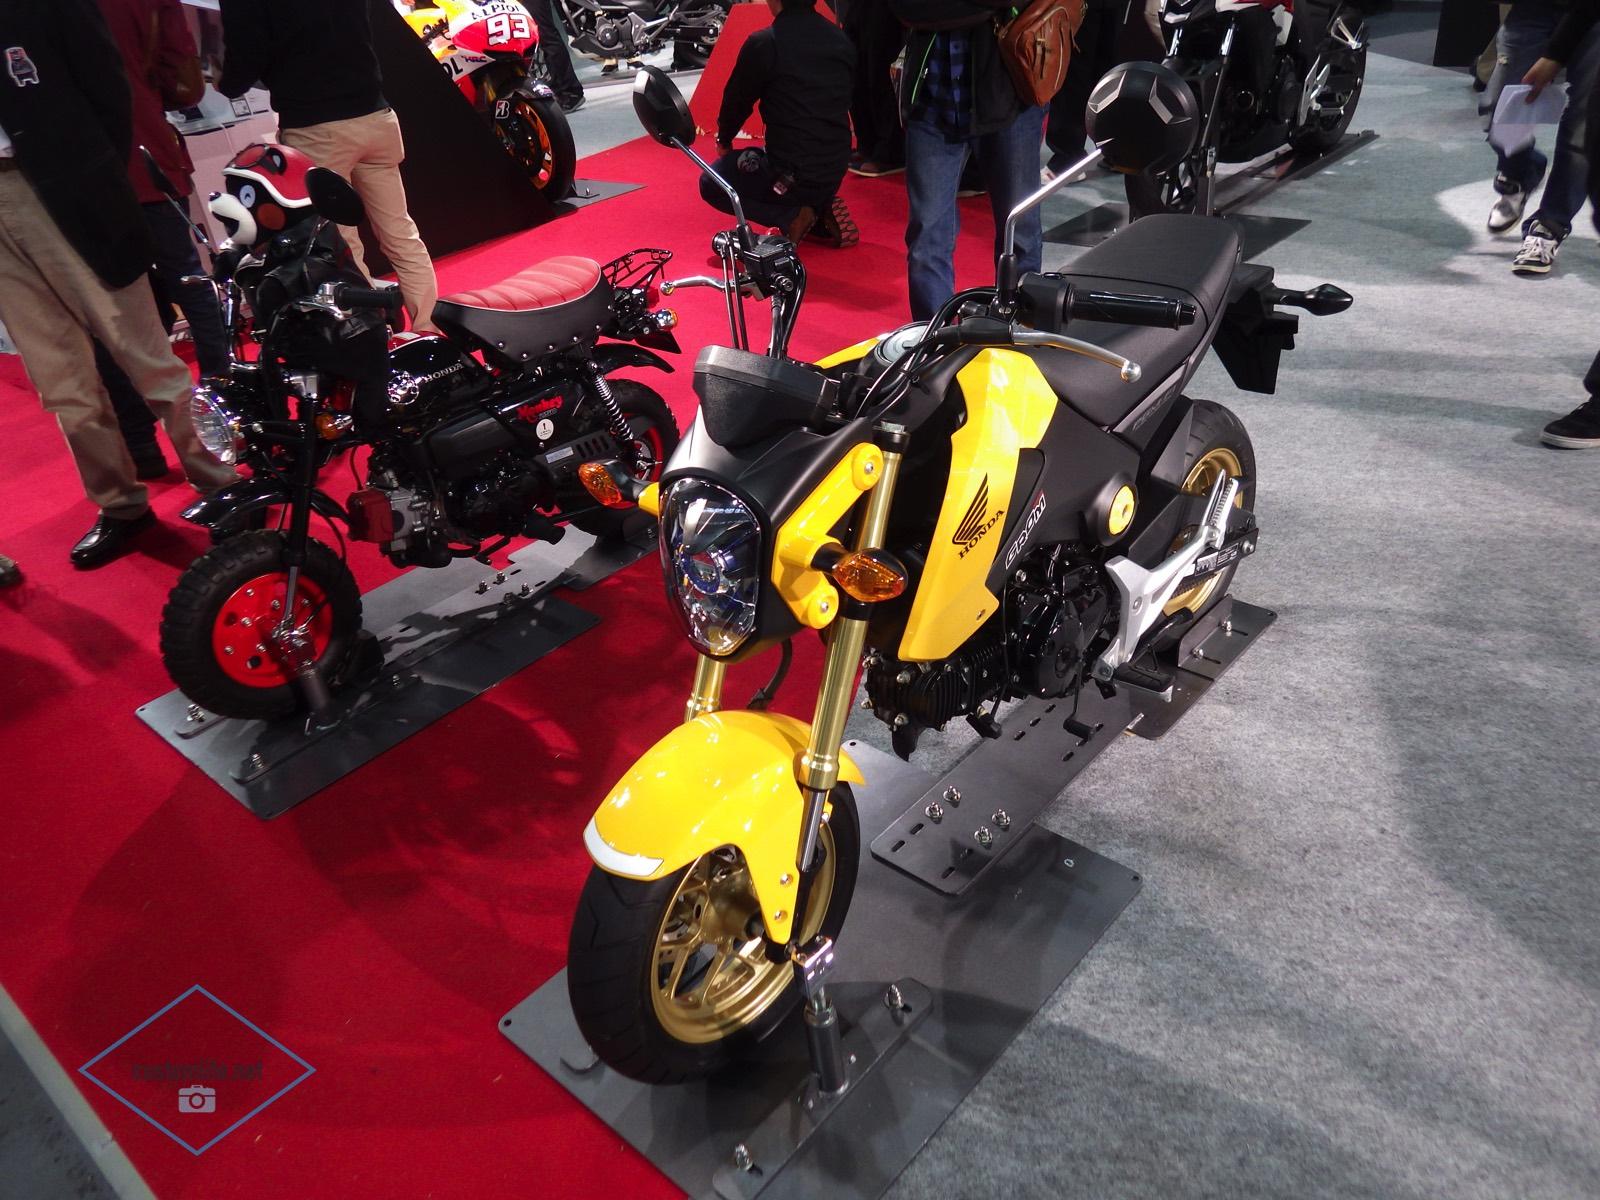 MotorcycleShow 2015 Osaka 63